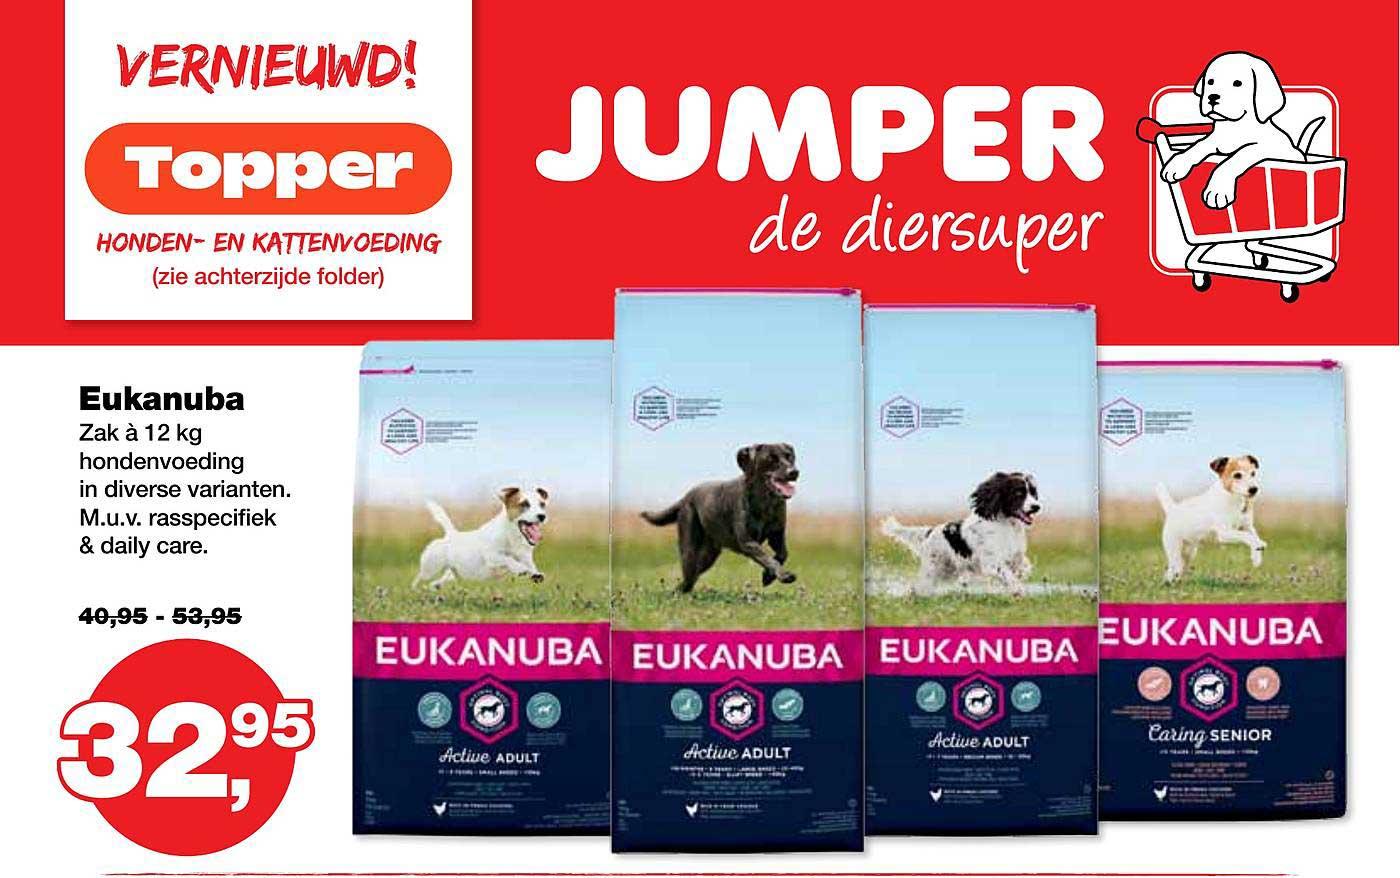 Jumper Eukanuba